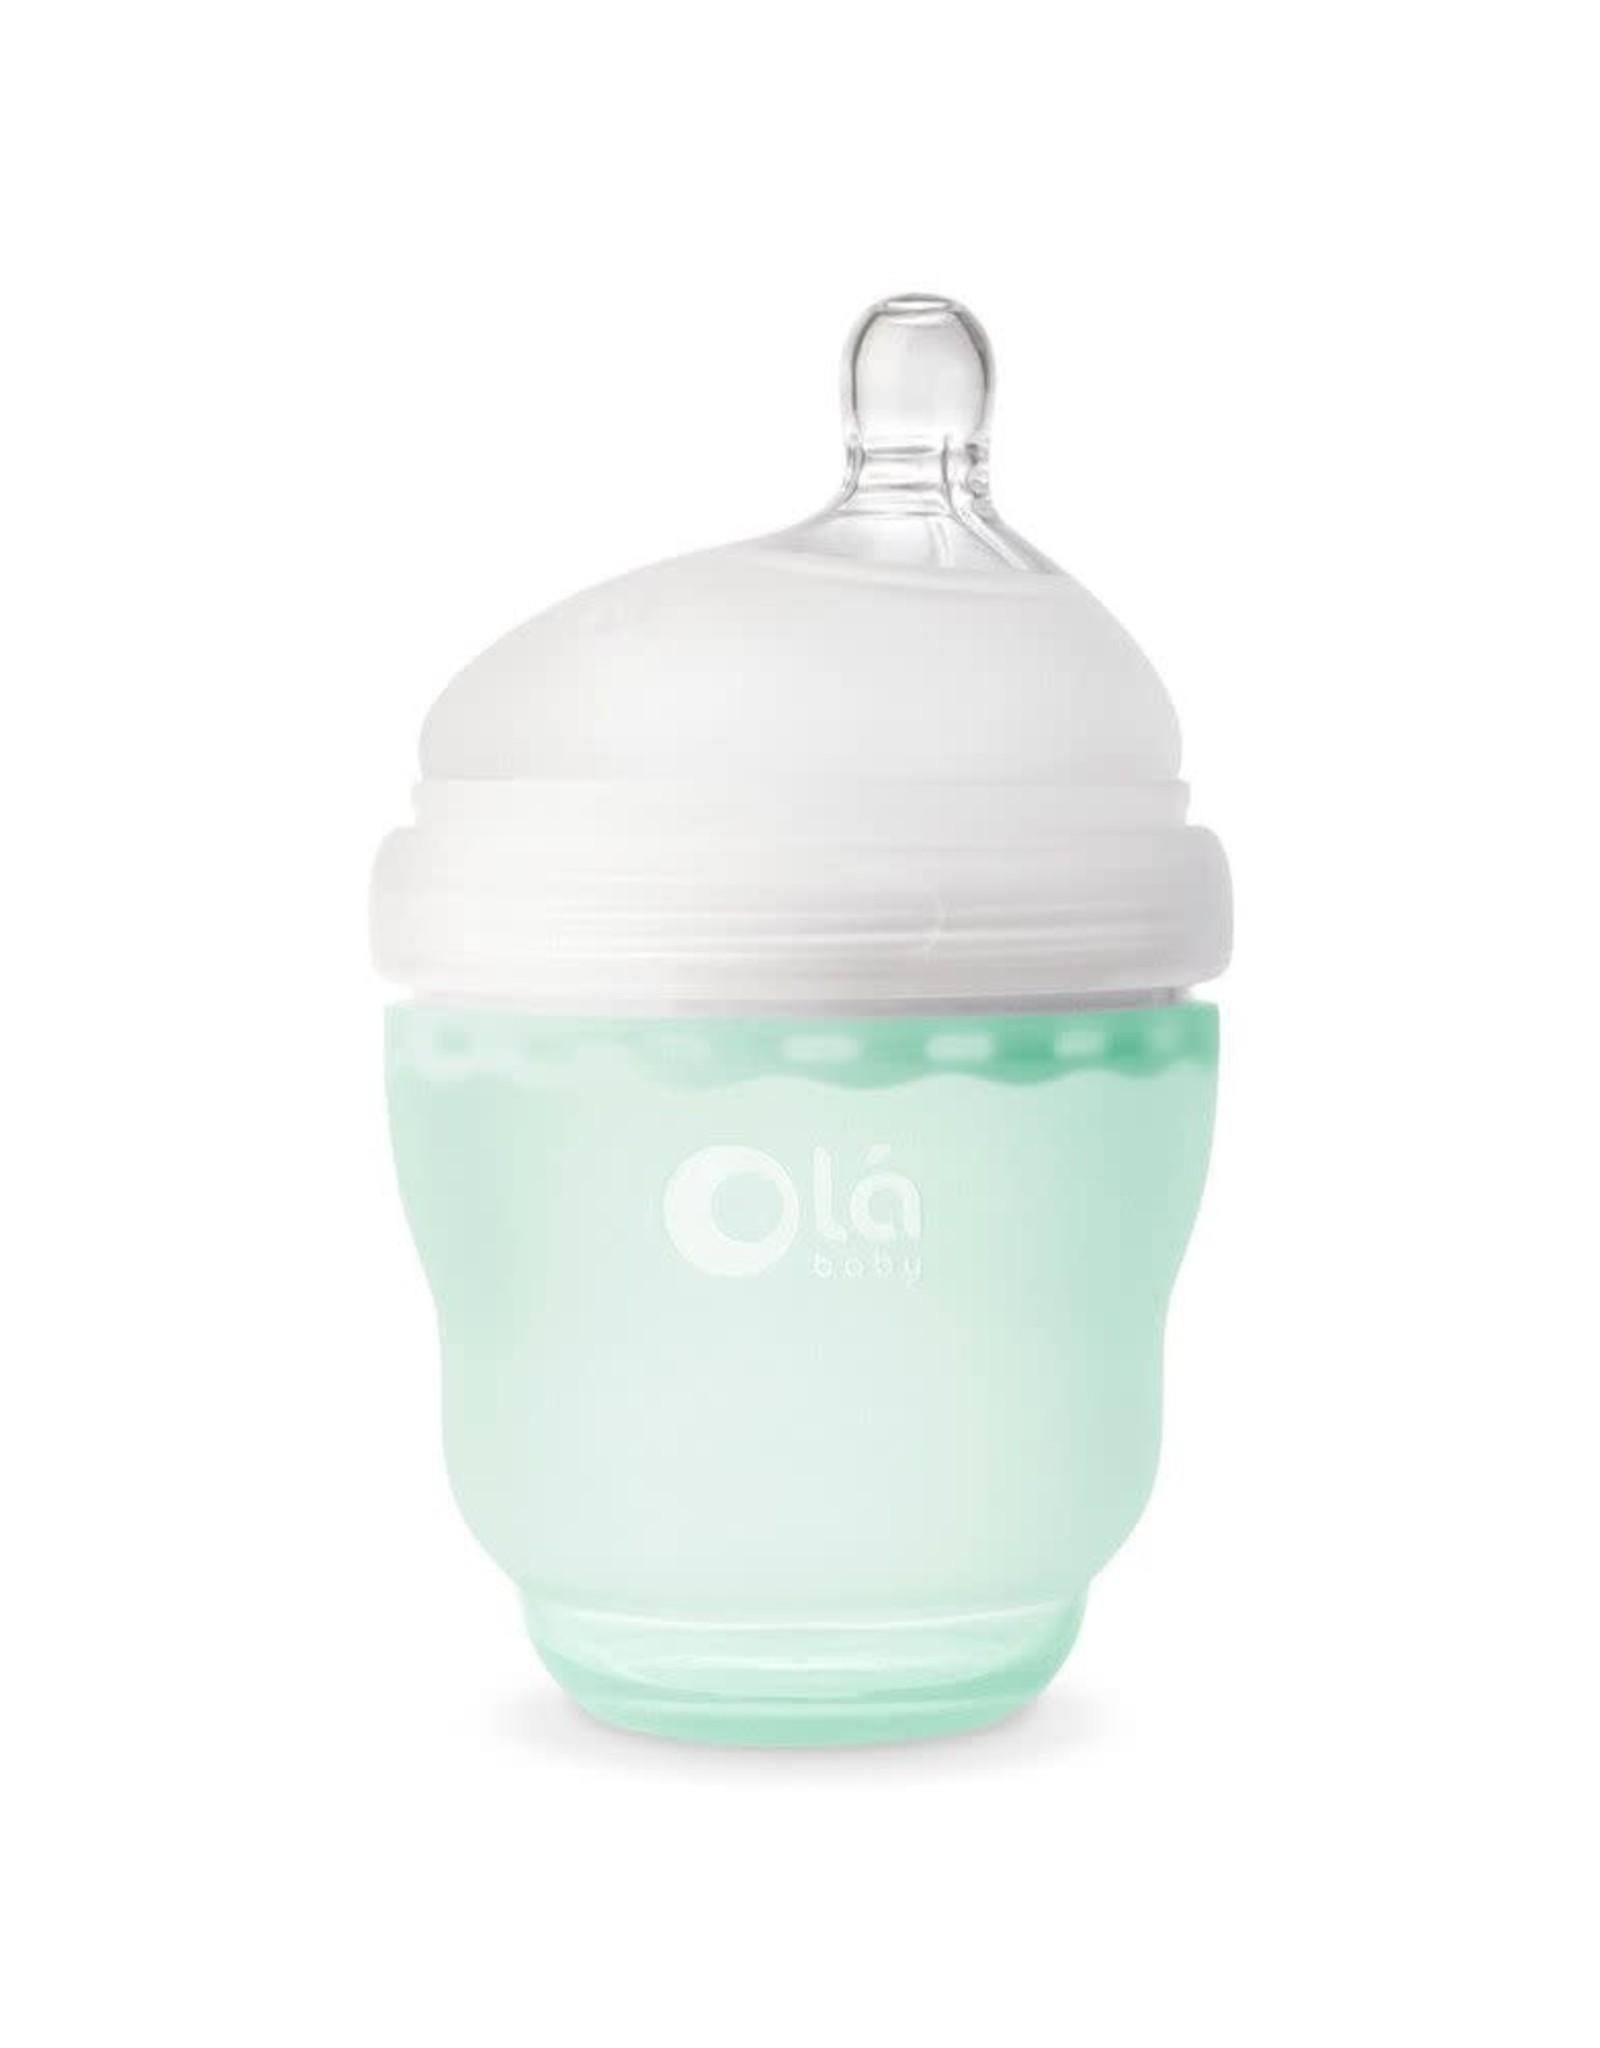 Olababy Olababy Gentle Bottle